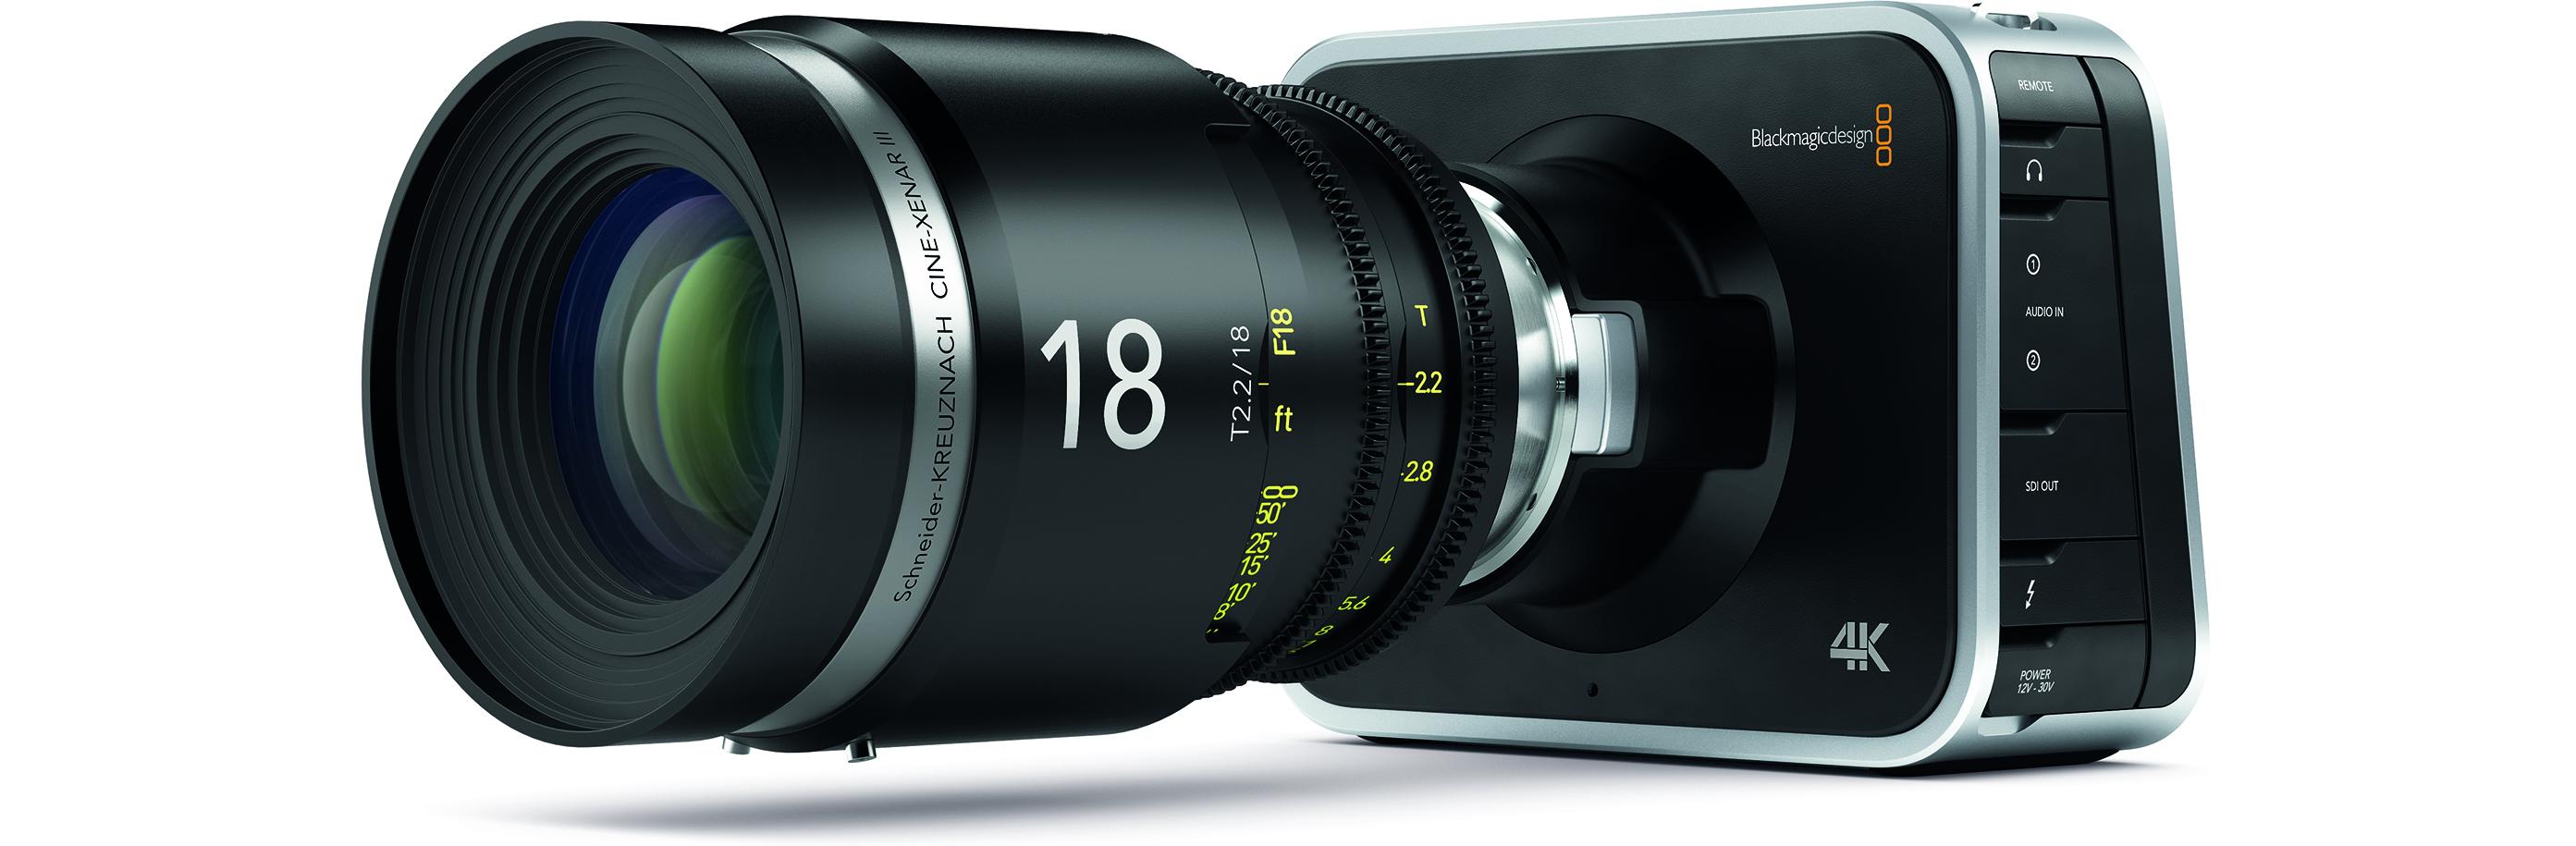 Blackmagic Production Camera 4D 2